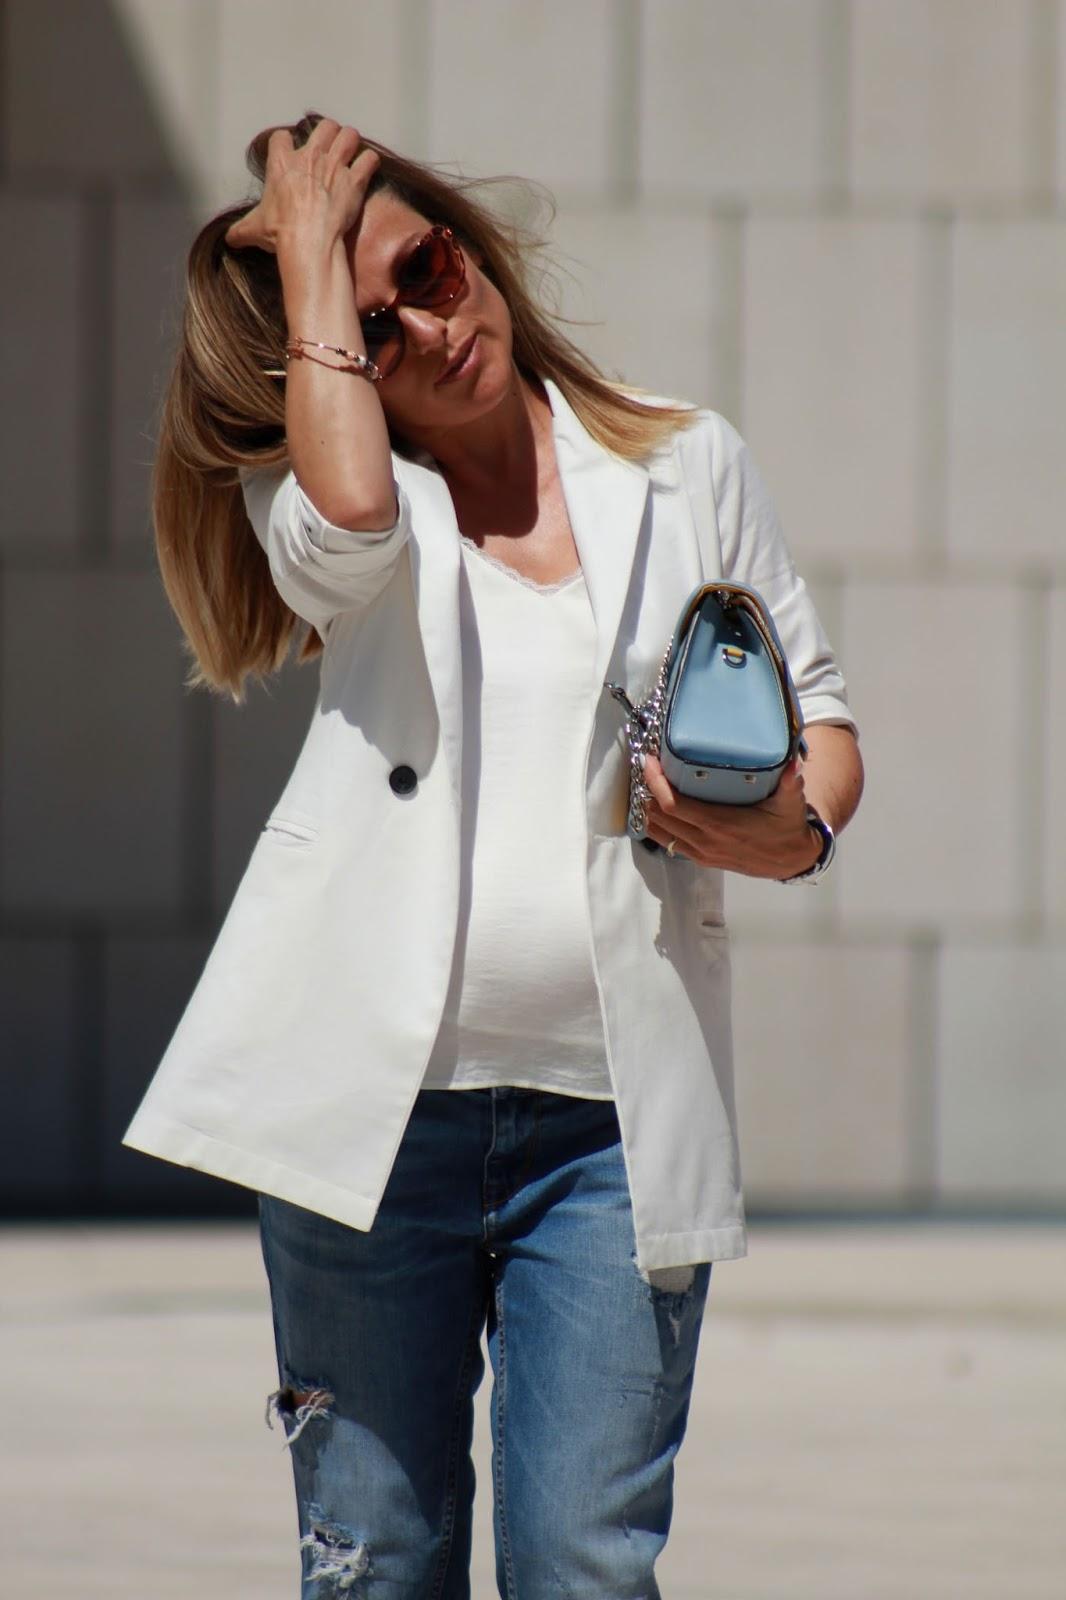 Pregnancy - le sensazioni della gravidanza